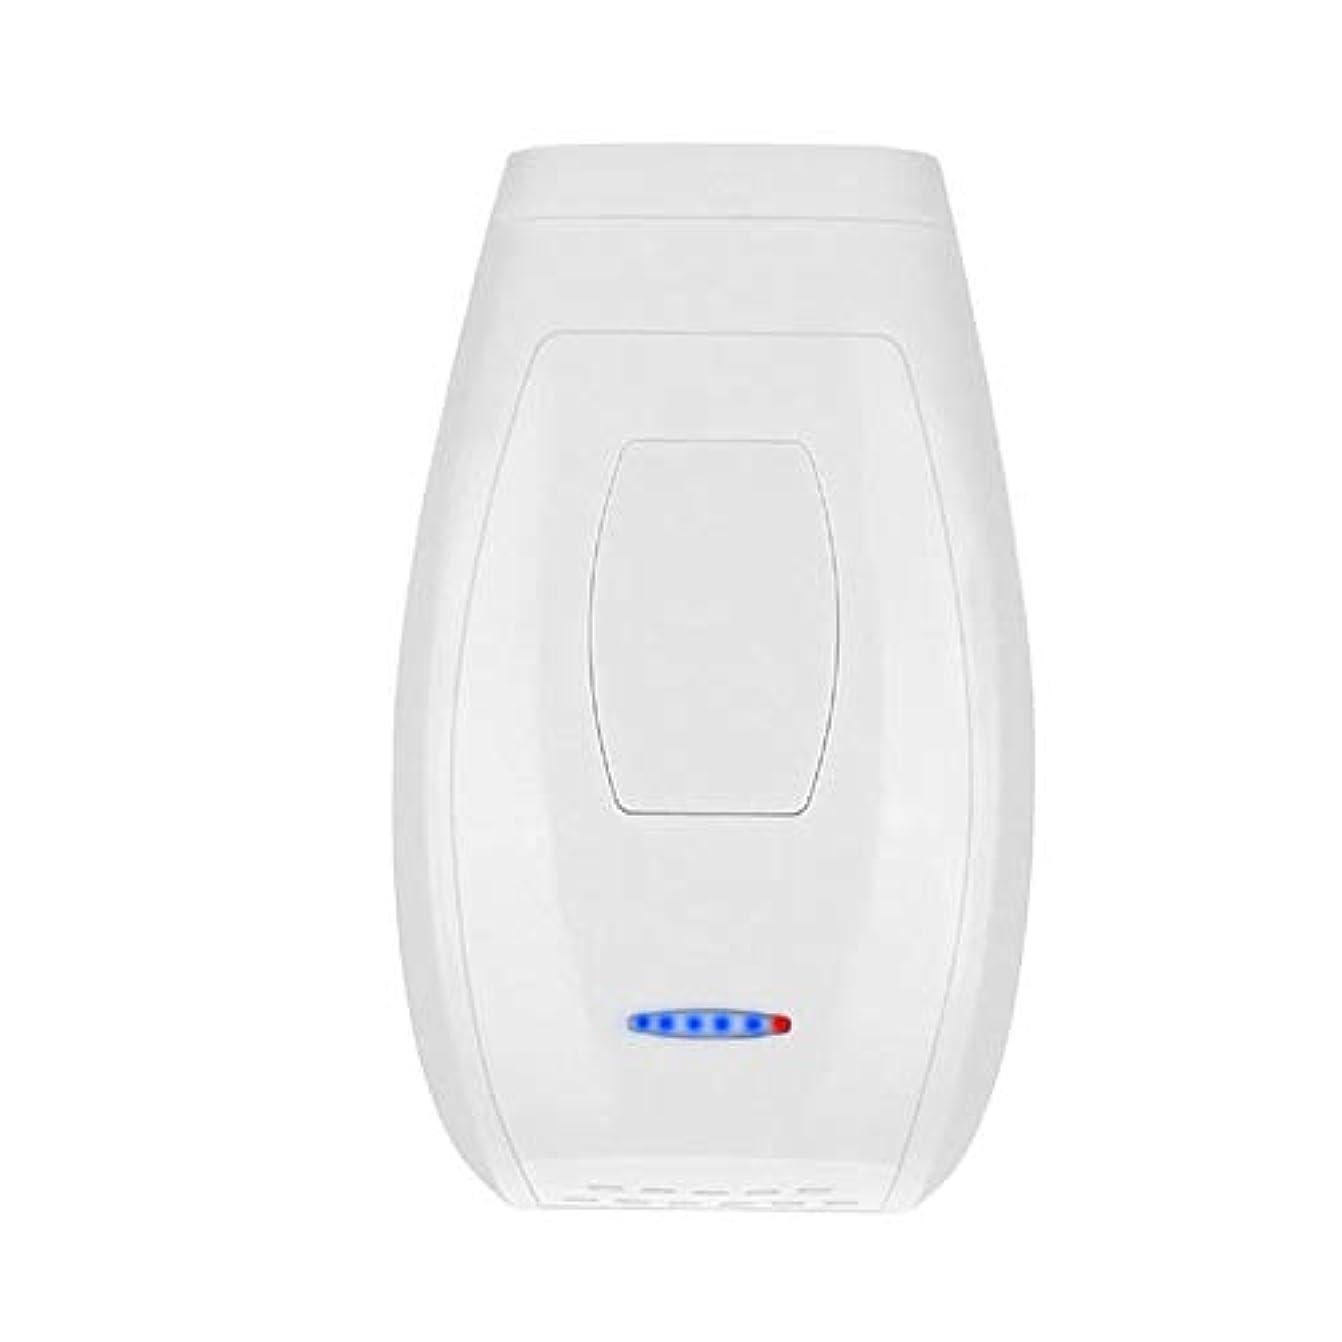 なぜタービン微視的Iku夫 ホワイト、クォーツチューブ、肌に害がない、携帯用痛みのないパーマネントヘアリムーバー、5スピード調整、サイズ13.4 X 8 X 4.5 Cm